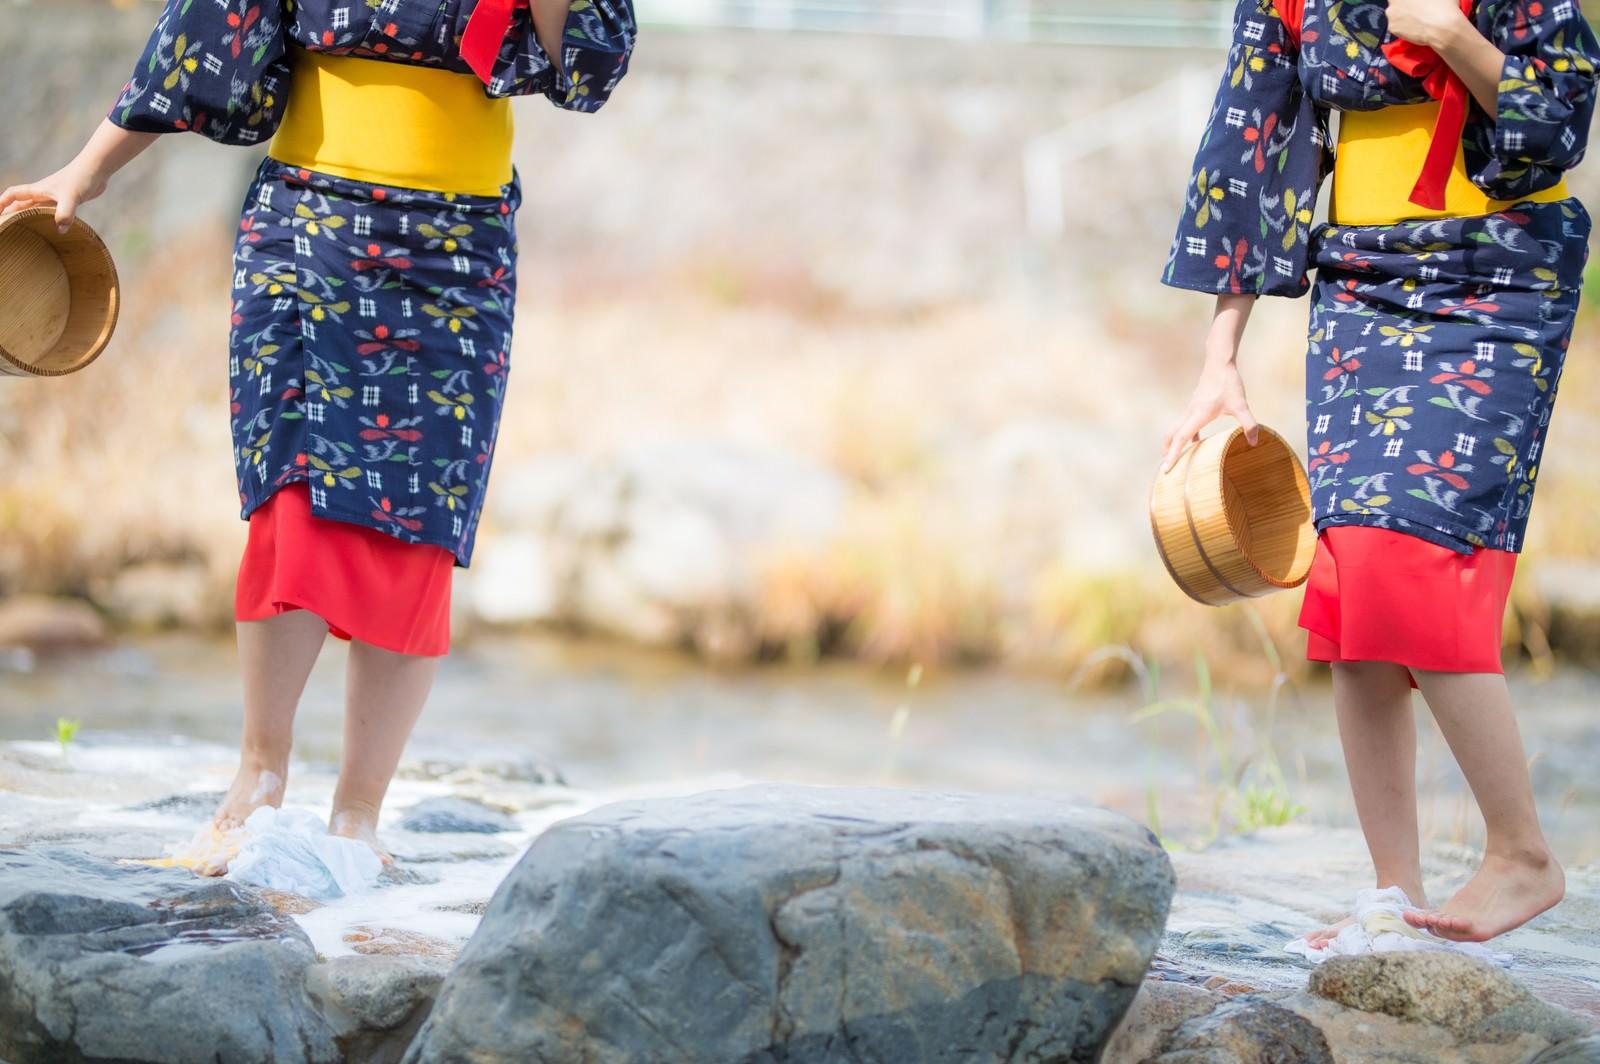 「2人で仲良く足踏み洗濯(鏡野町観光)」の写真